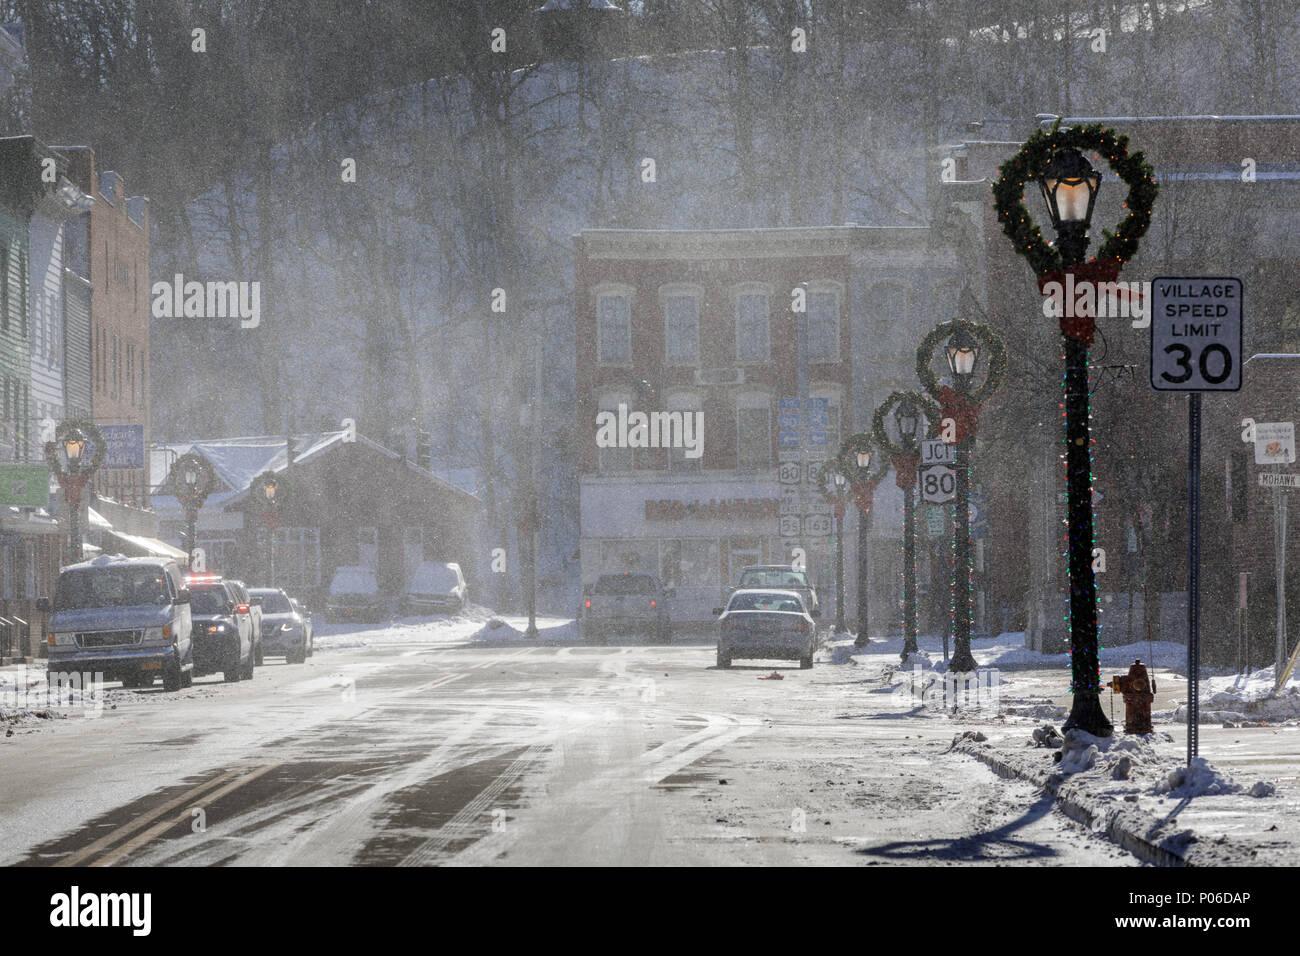 Les vents d'hiver à travers le village de whip Fort Plain, à l'état de New York. Photo Stock